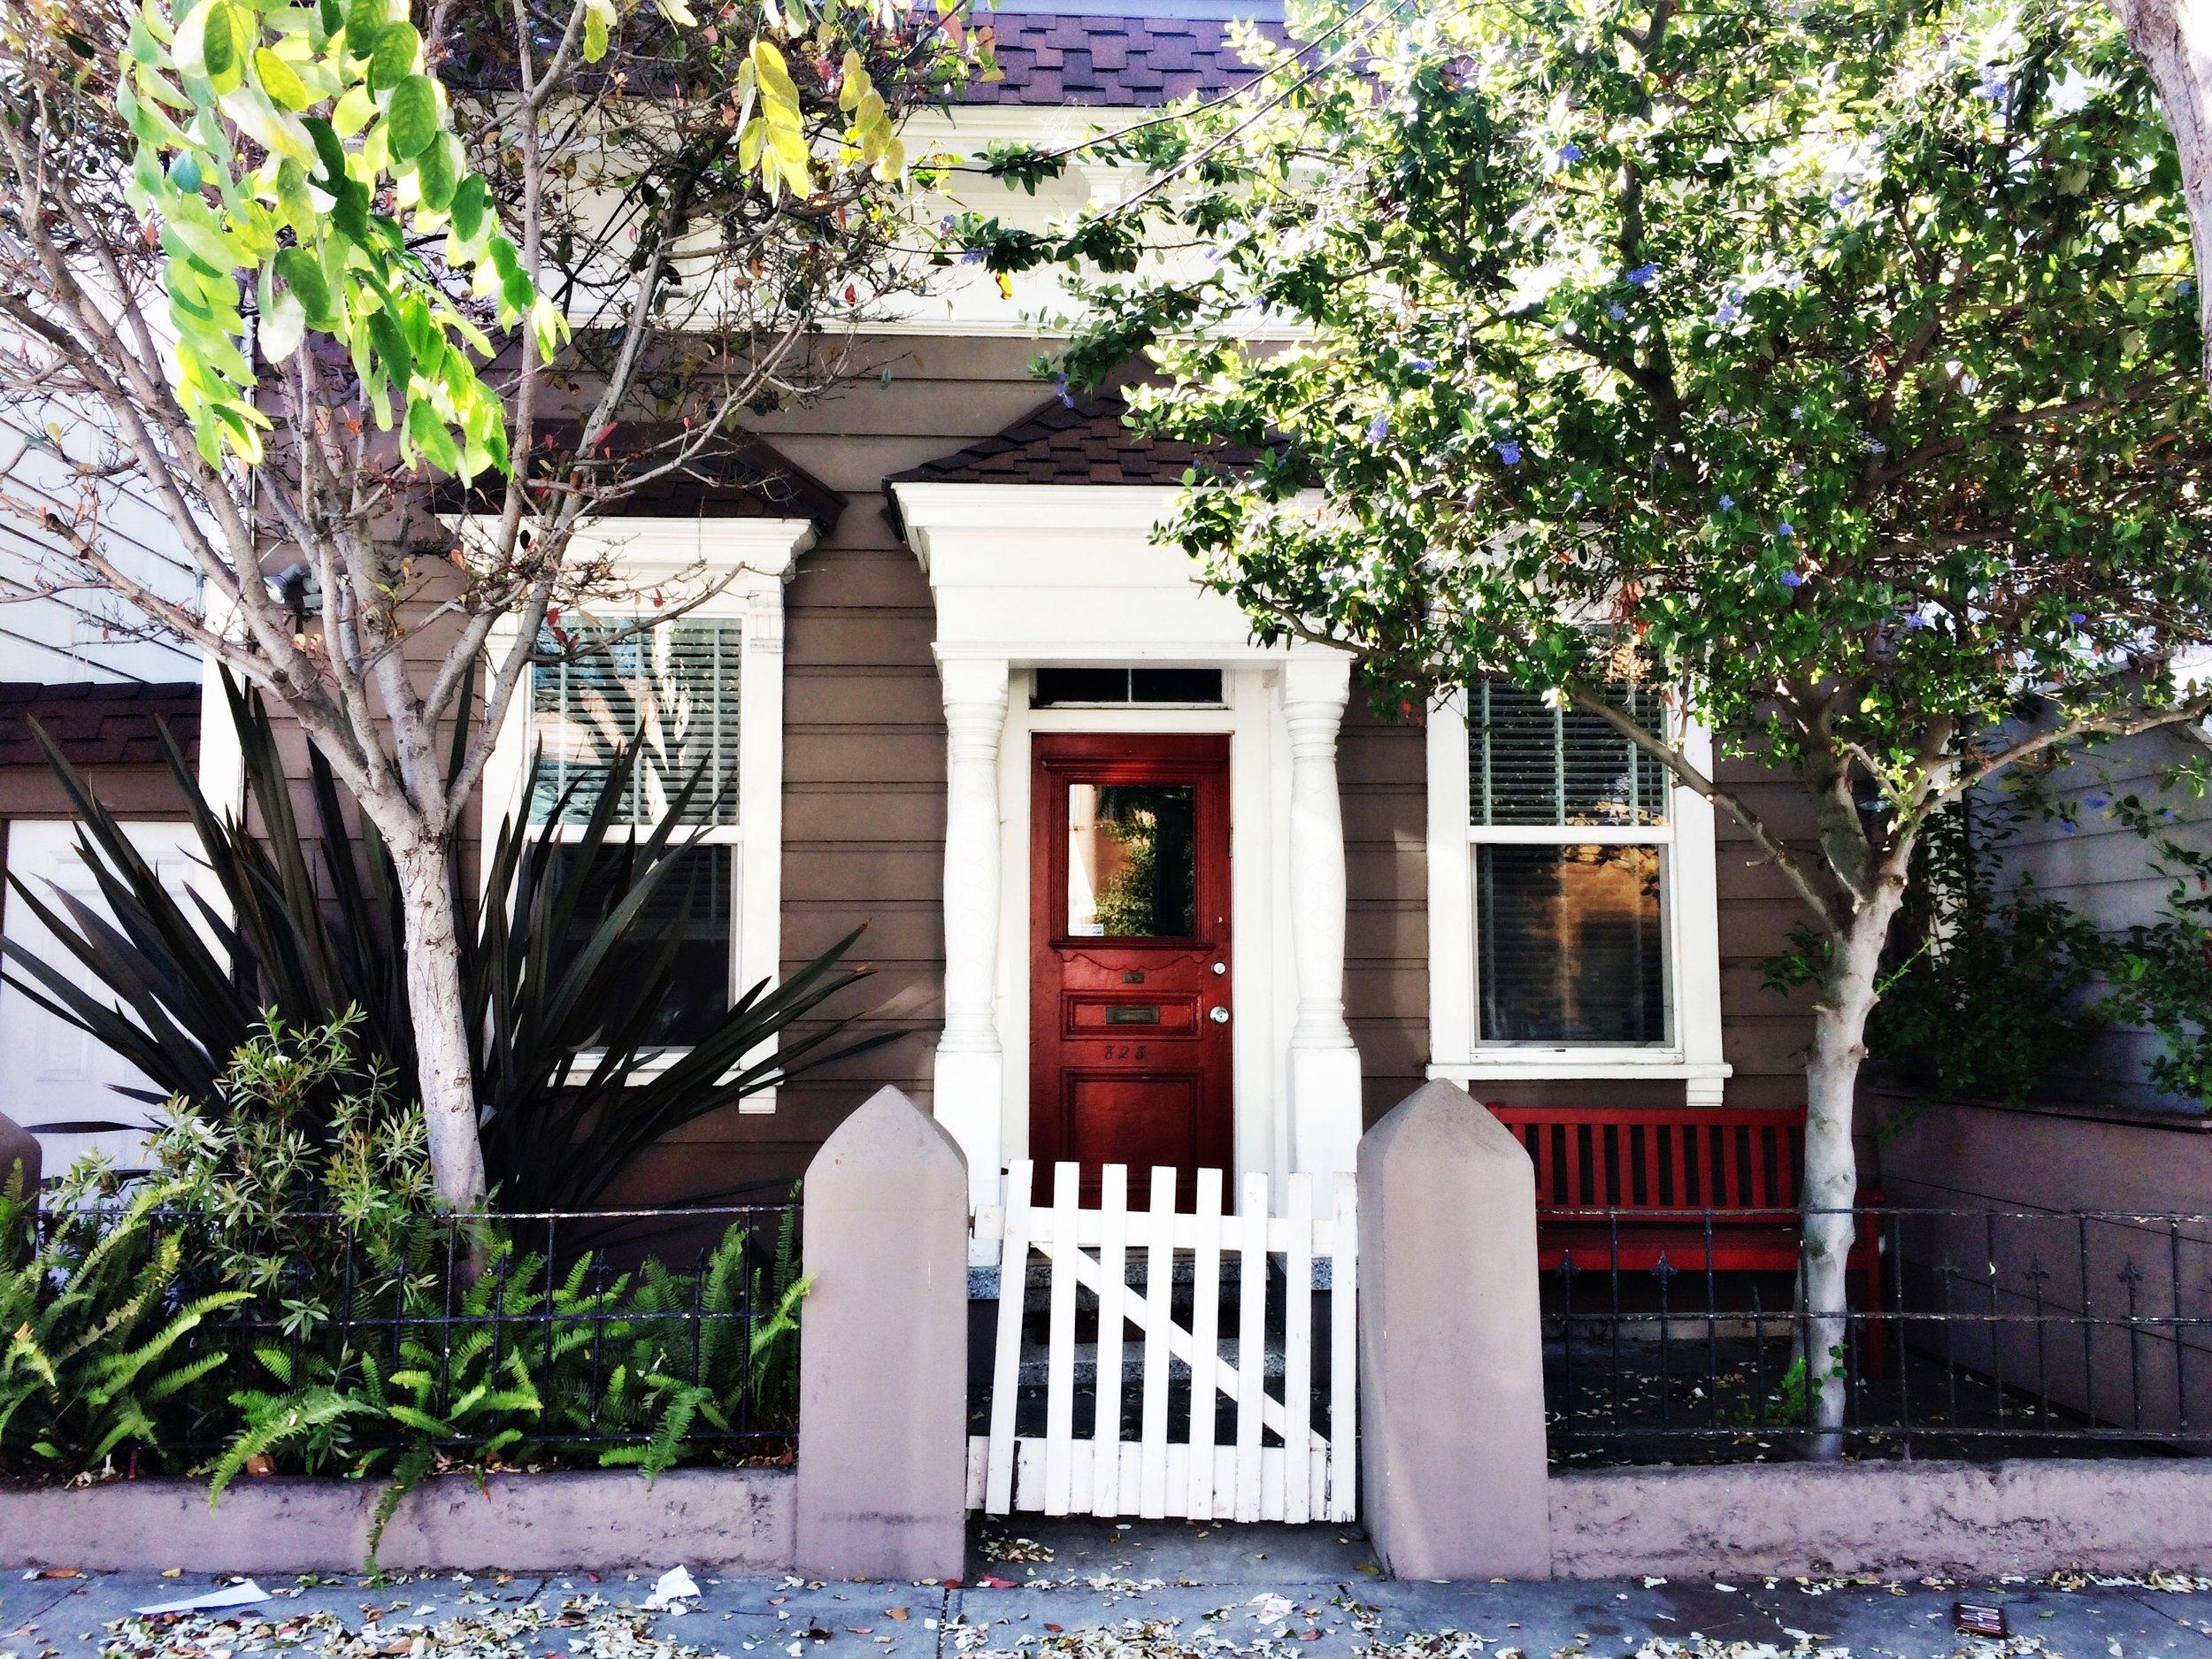 Little victorian bungalow